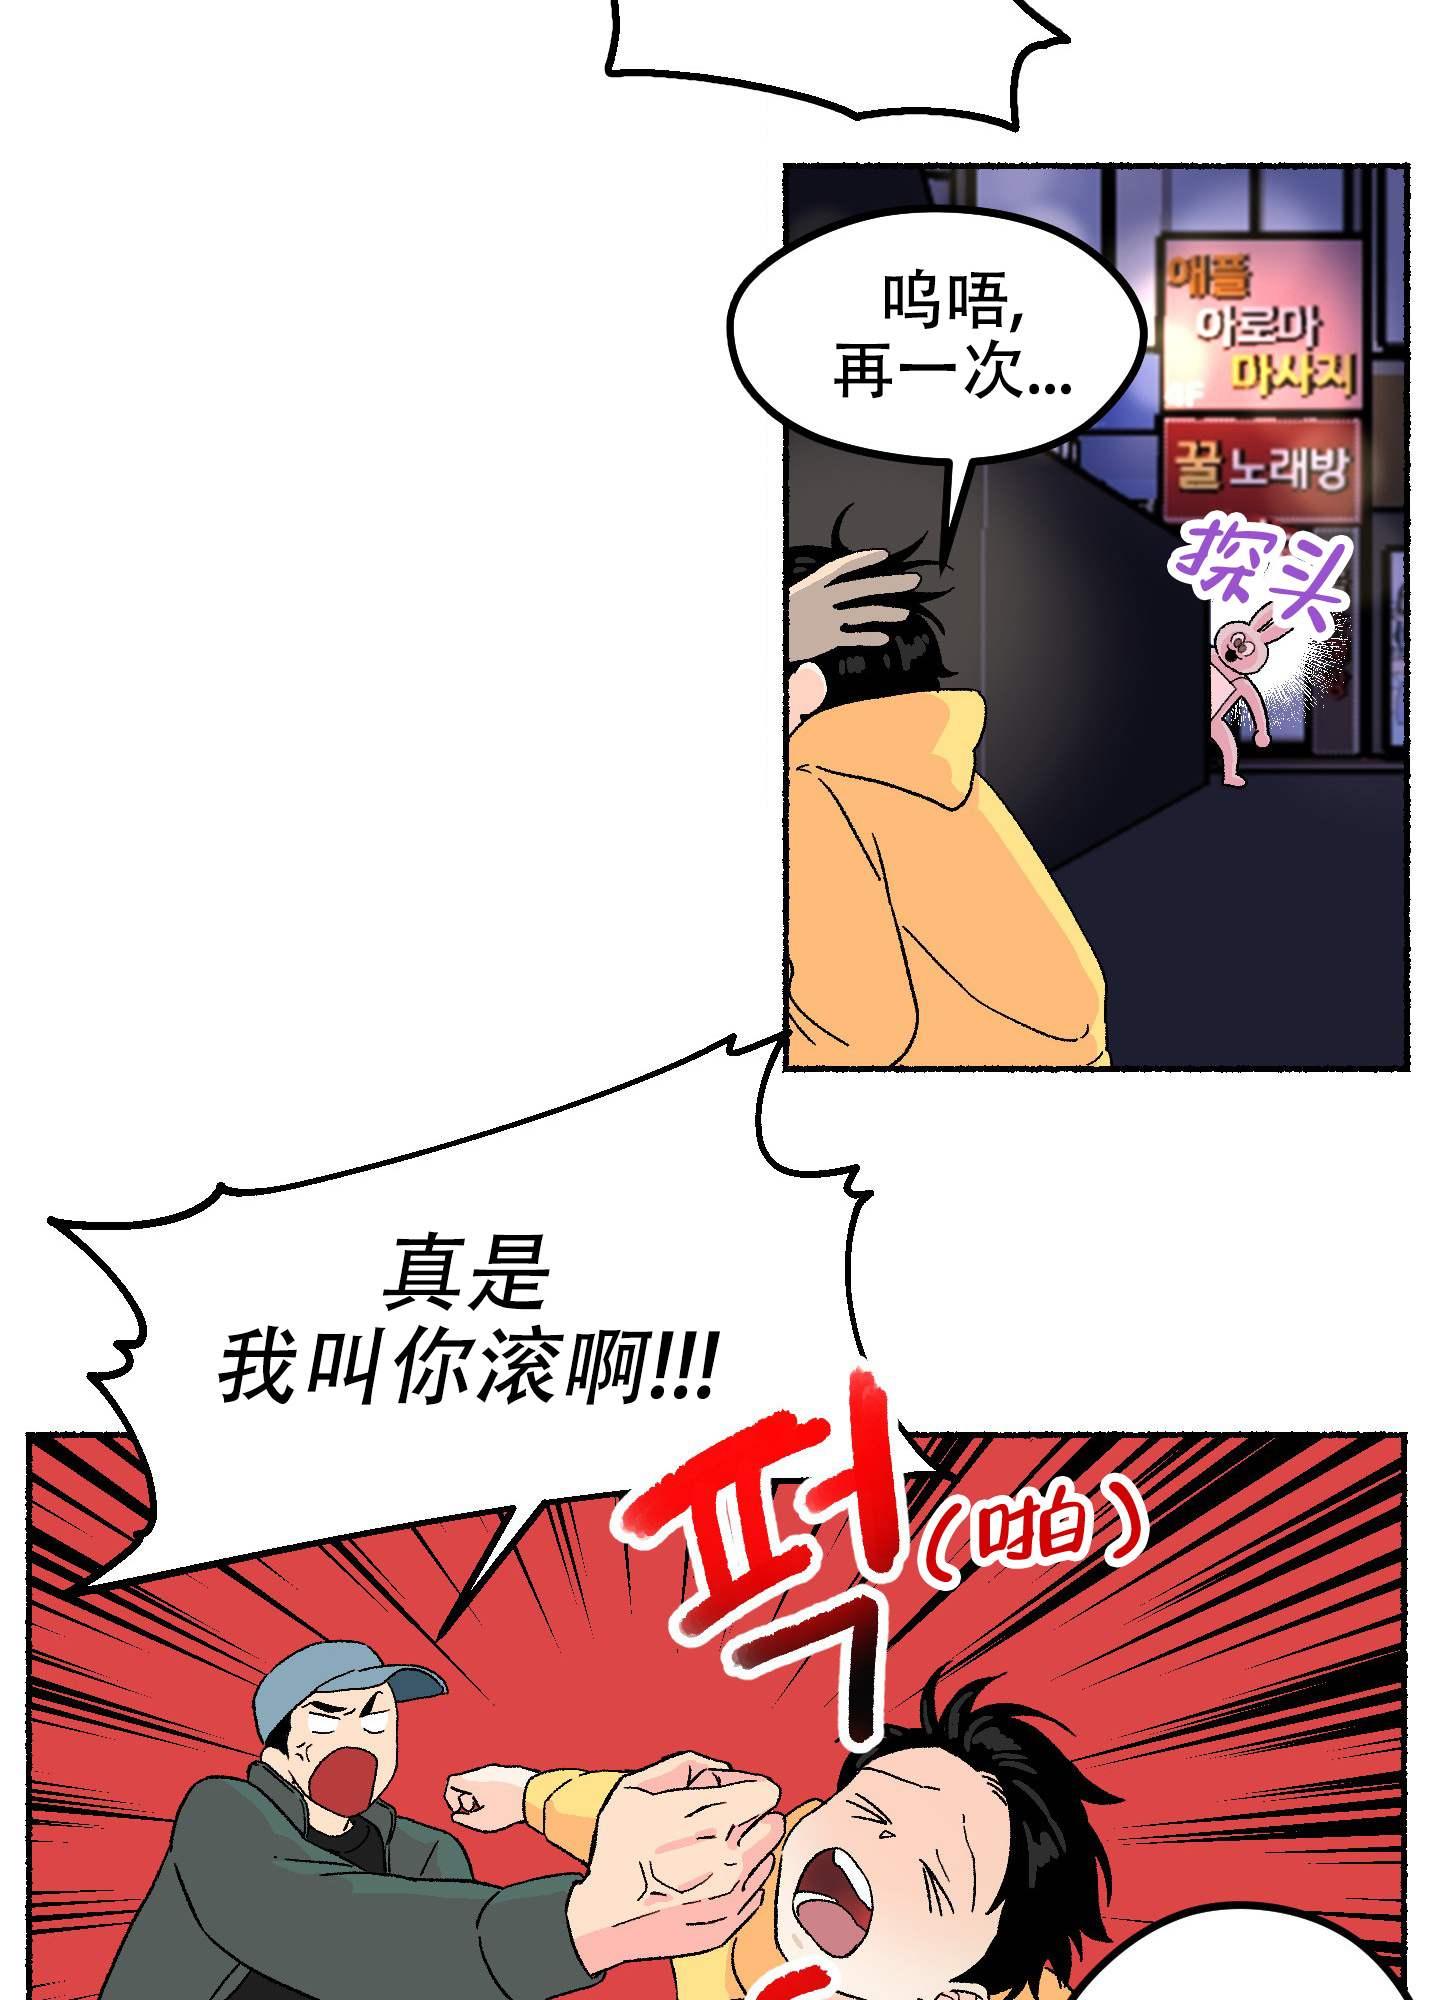 韩漫 |《狡猾的鲁鲁》  恶魔与人类,一饿就开do!  第23张